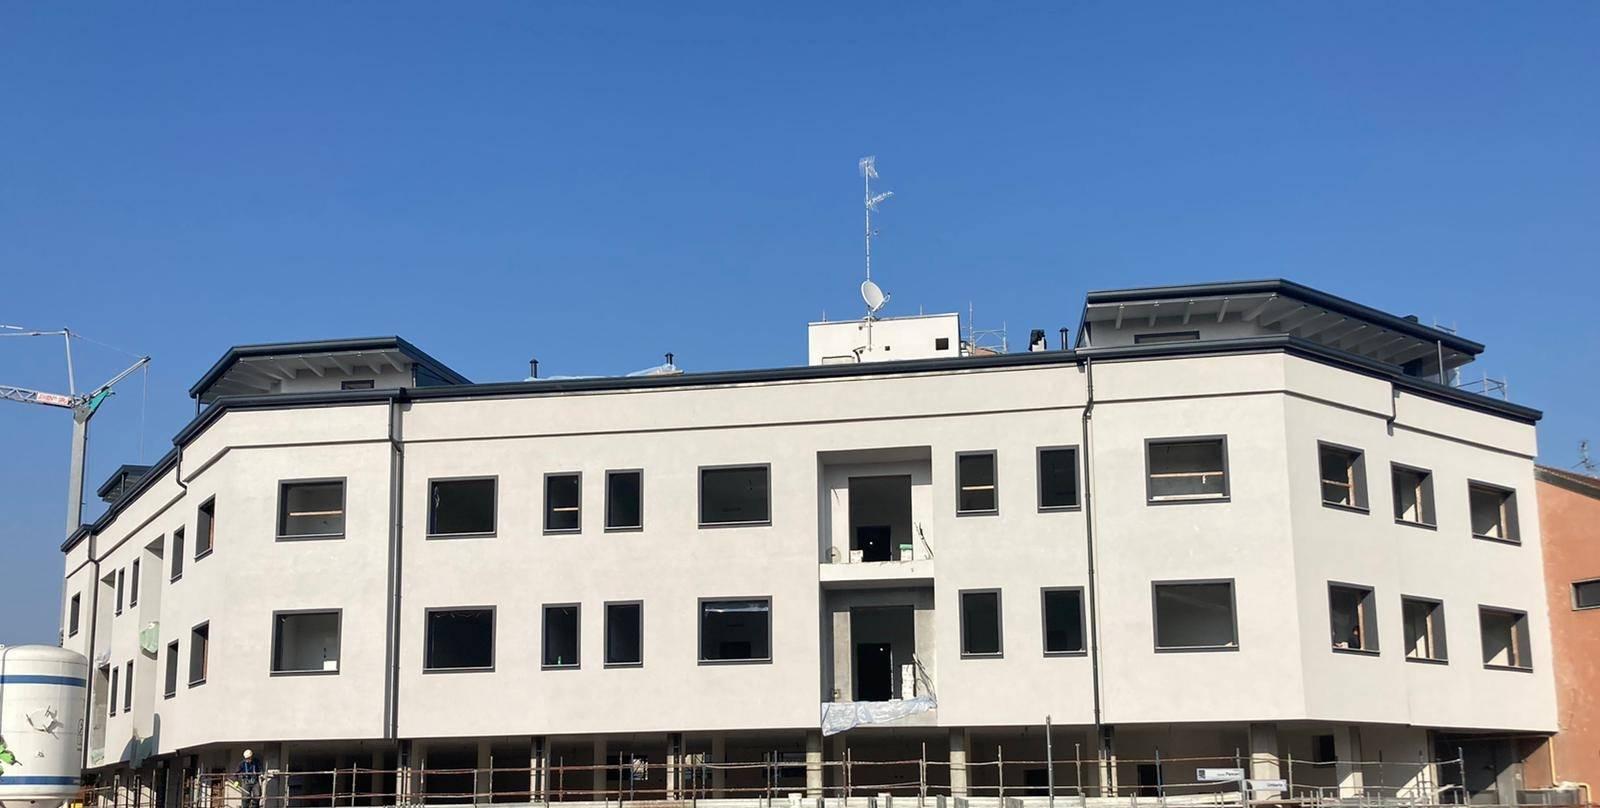 Attico / Mansarda in vendita a Varedo, 4 locali, prezzo € 320.000 | PortaleAgenzieImmobiliari.it